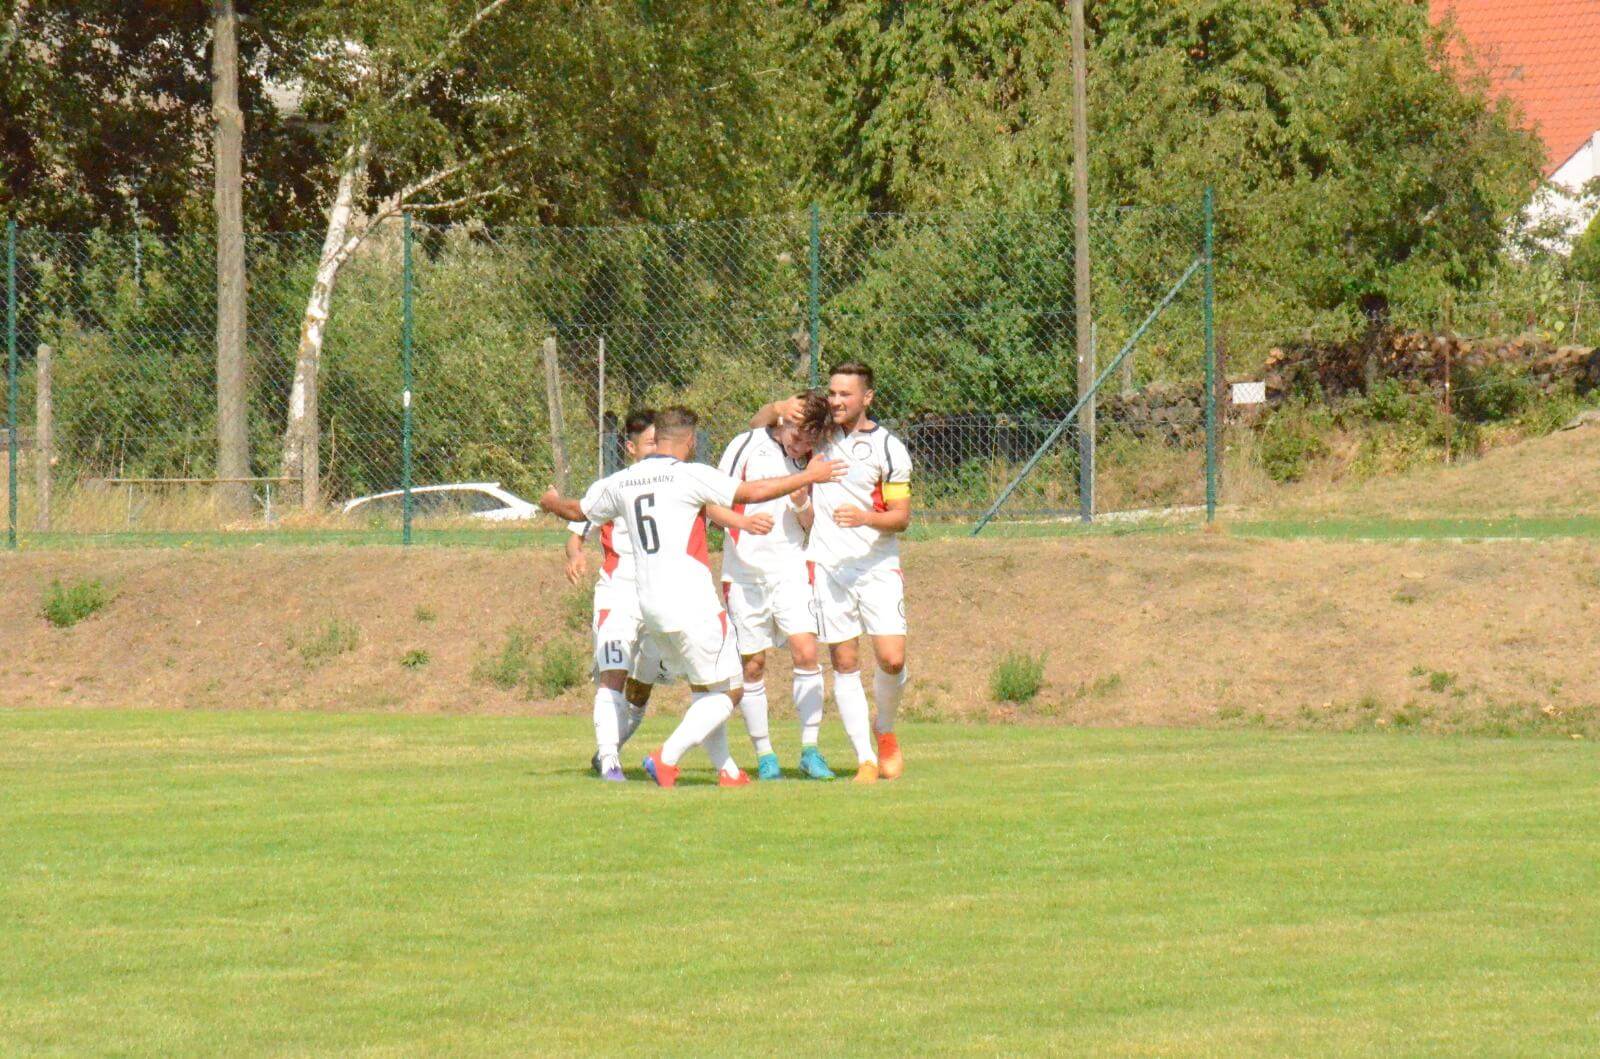 【Verbandsliga 第1節 vs SG Meisenheim/Desloch-Jeckenbach】